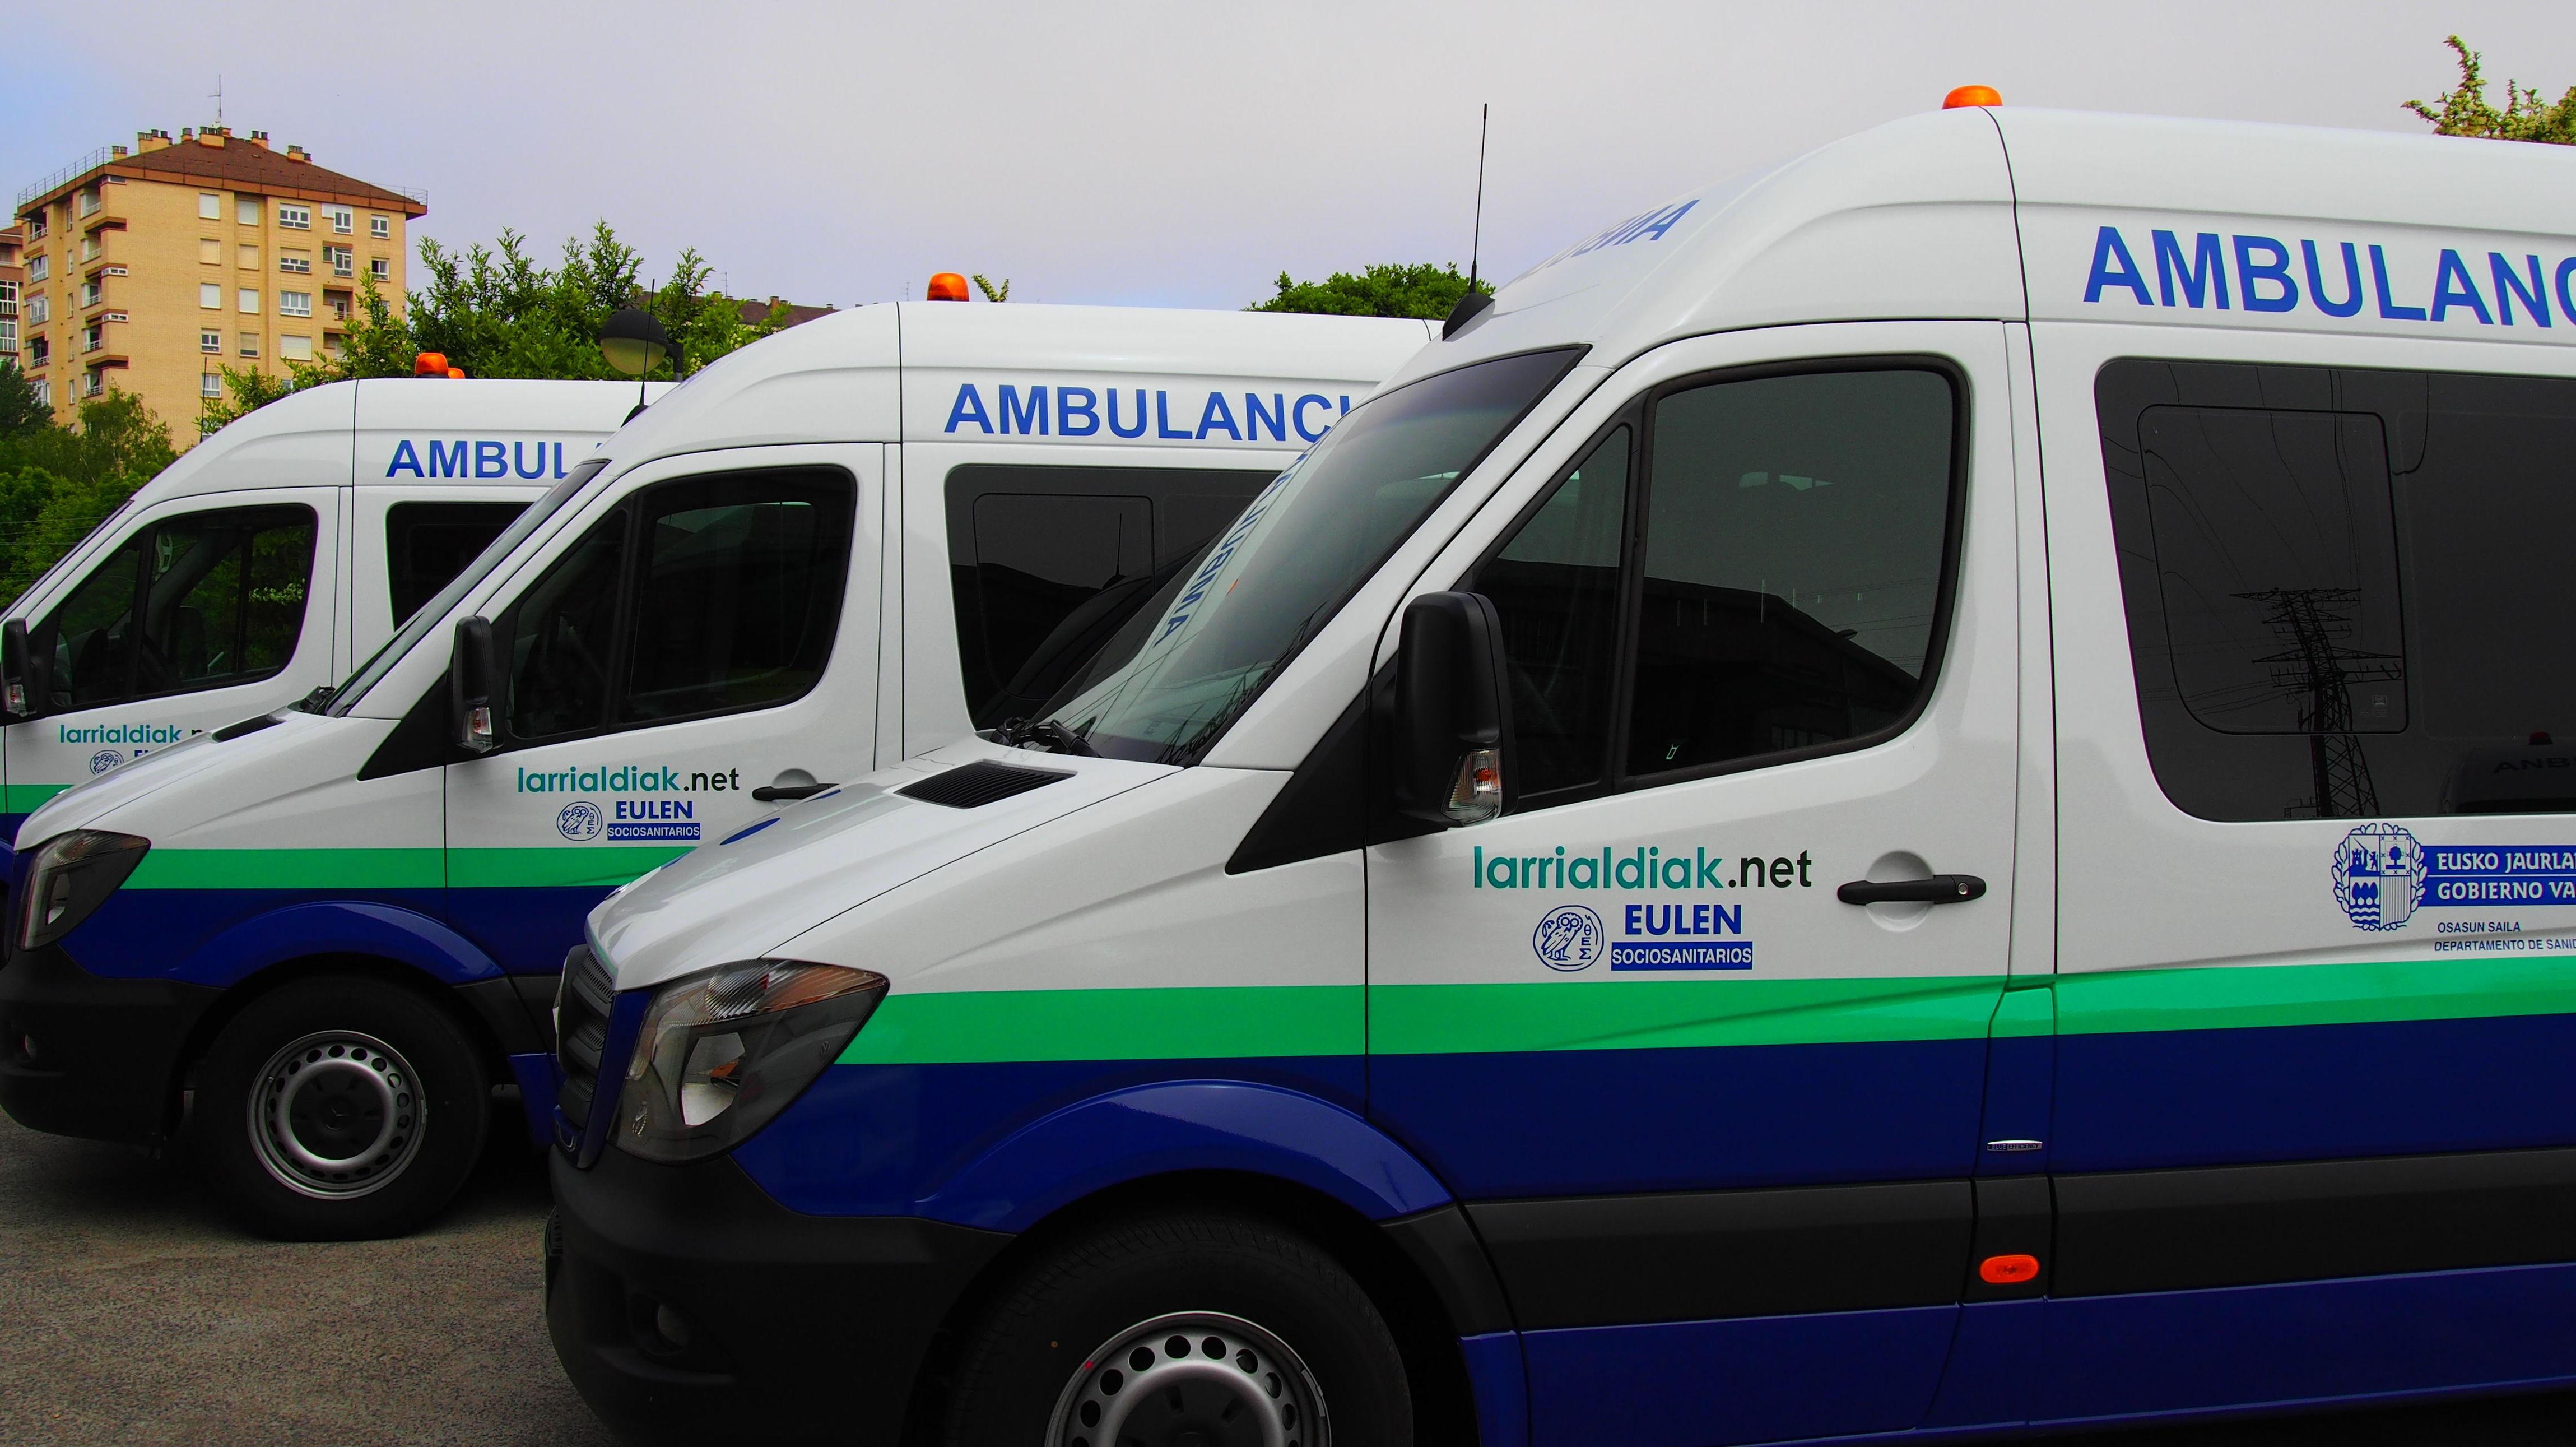 Ambulancias de Soporte Vital Basico